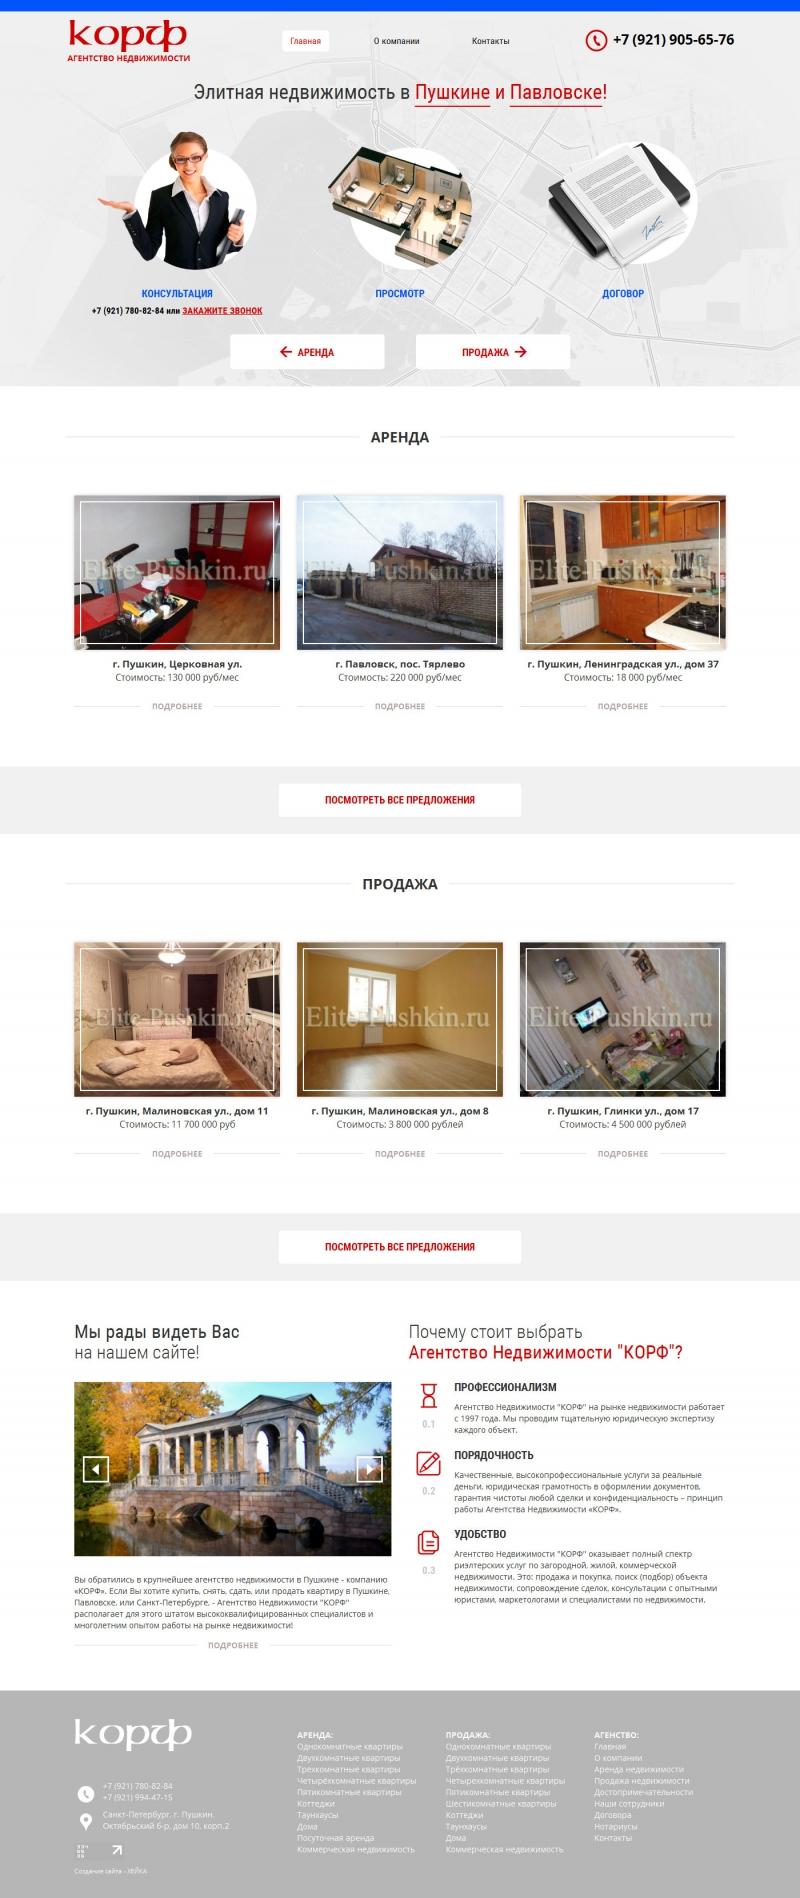 Создание сайтов для агентств недвижимости санкт-петербург vpn сервер zyxel keenetic ii